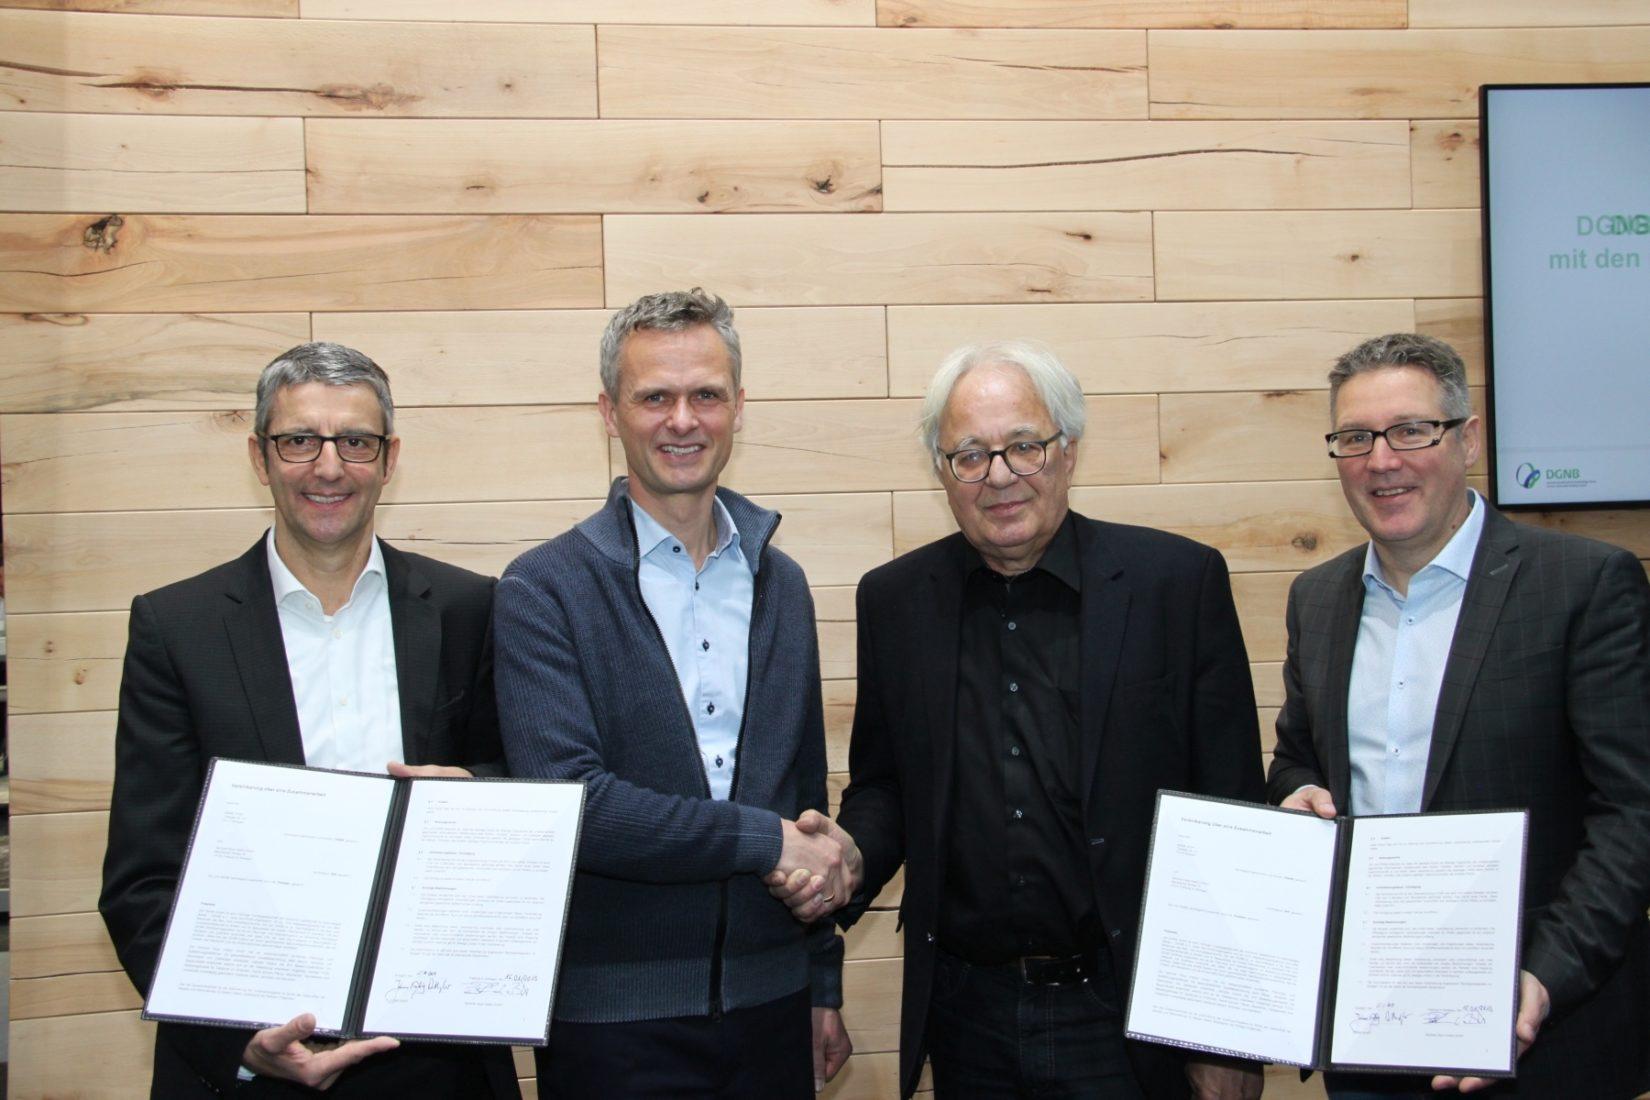 Die Vereinbarung unterzeichneten (v.l.) die Sentinel-Geschäftsführer Christoph Bärle und Peter Bachmann sowie Prof. Alexander Rudolphi (Präsident) und Johannes Kreißig (Geschäftsführender Vorstand) vom DGNB. Foto: DGNB